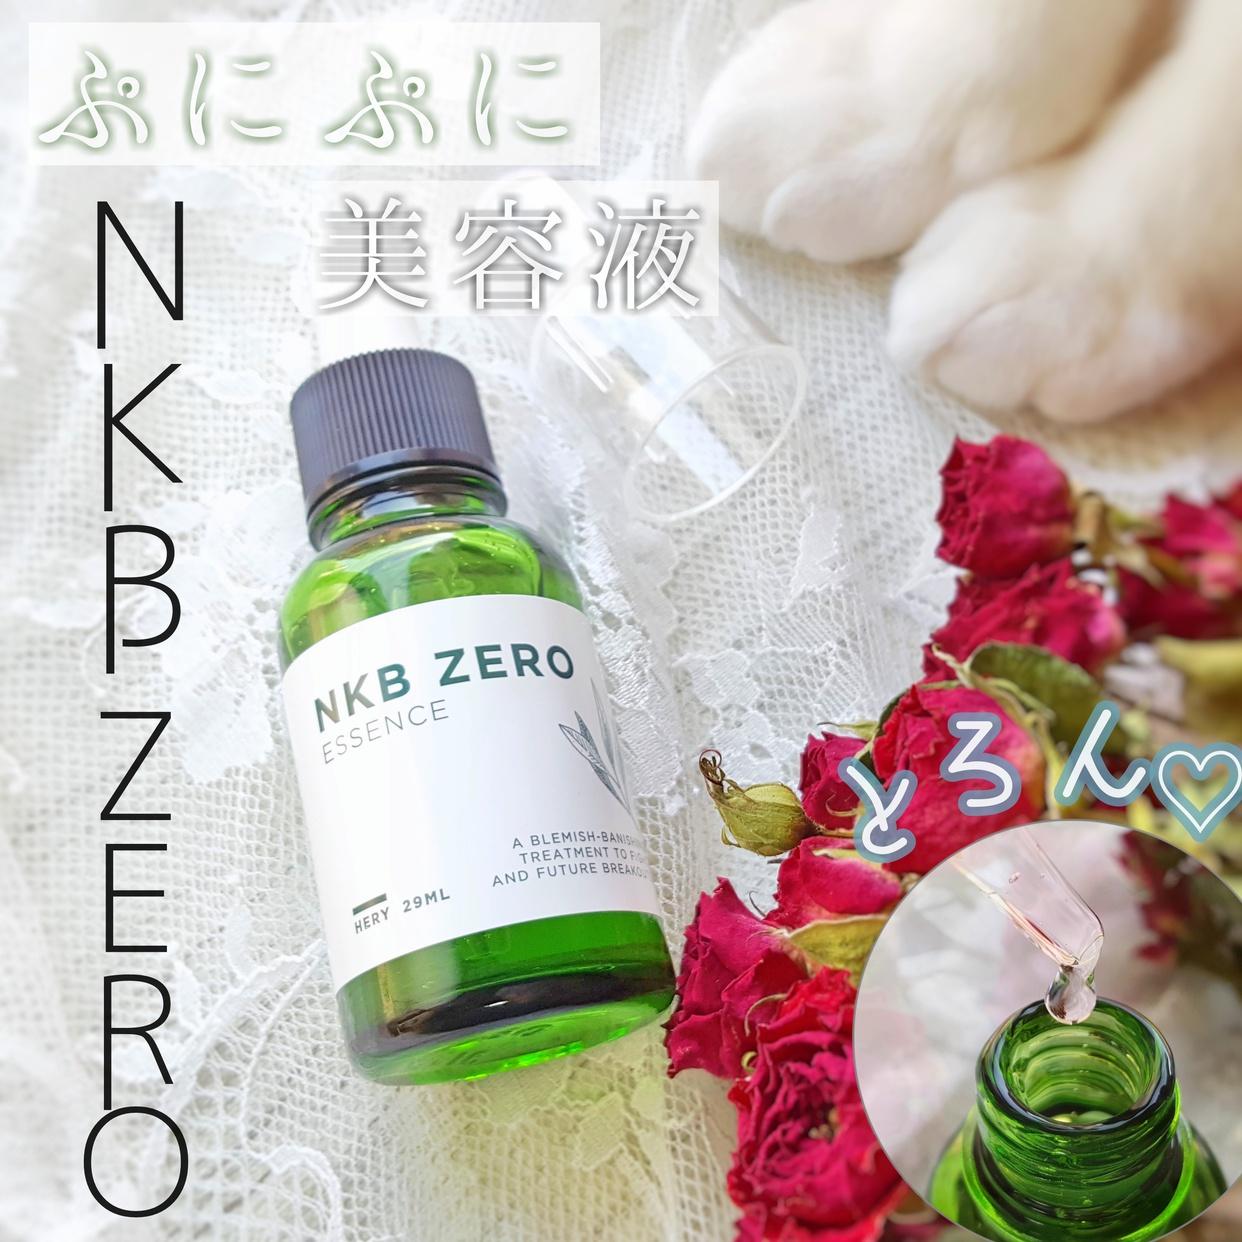 NKB ZERO(エヌケービー ゼロ) NKB ゼロ エッセンスを使った銀麦さんのクチコミ画像1